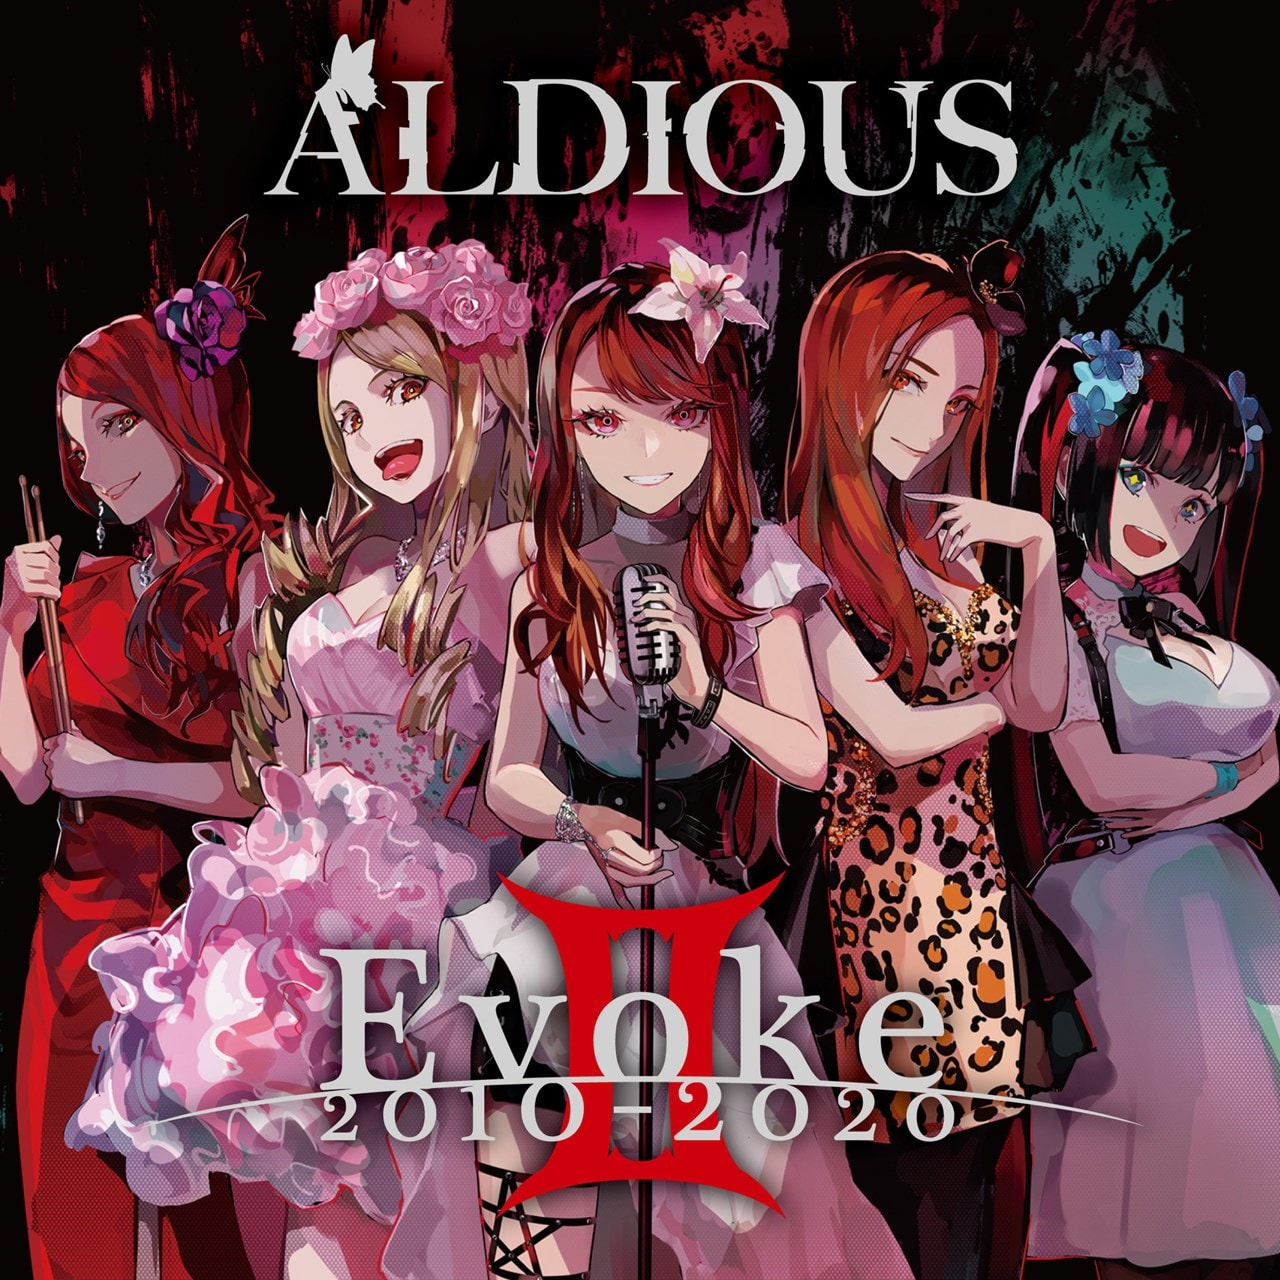 Evoke II 2010-2020 - 1